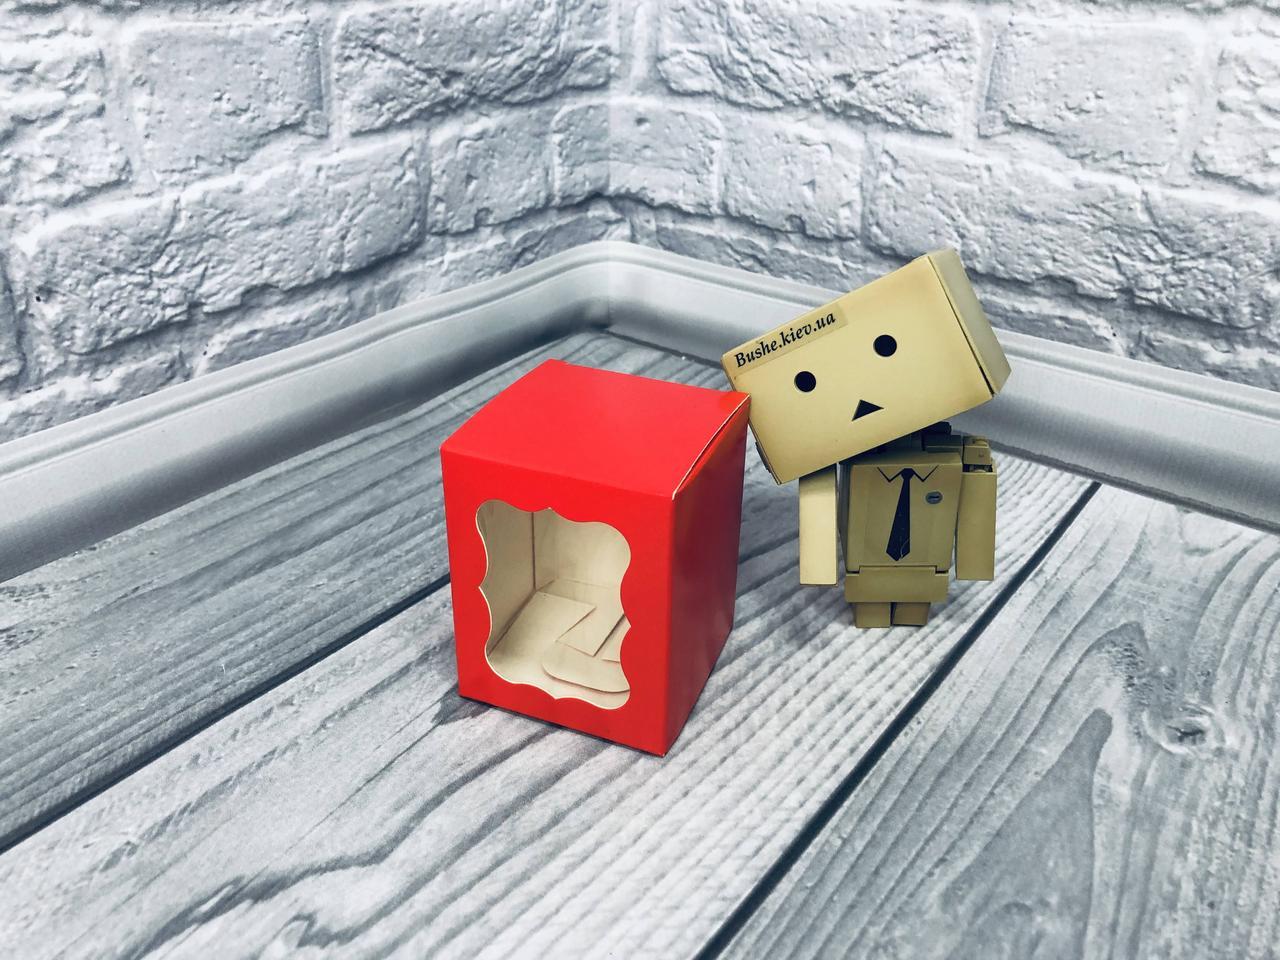 *10 шт* / Коробка / Бонбоньерка / 60х60х75 мм / печать-Красн / окно-обычн